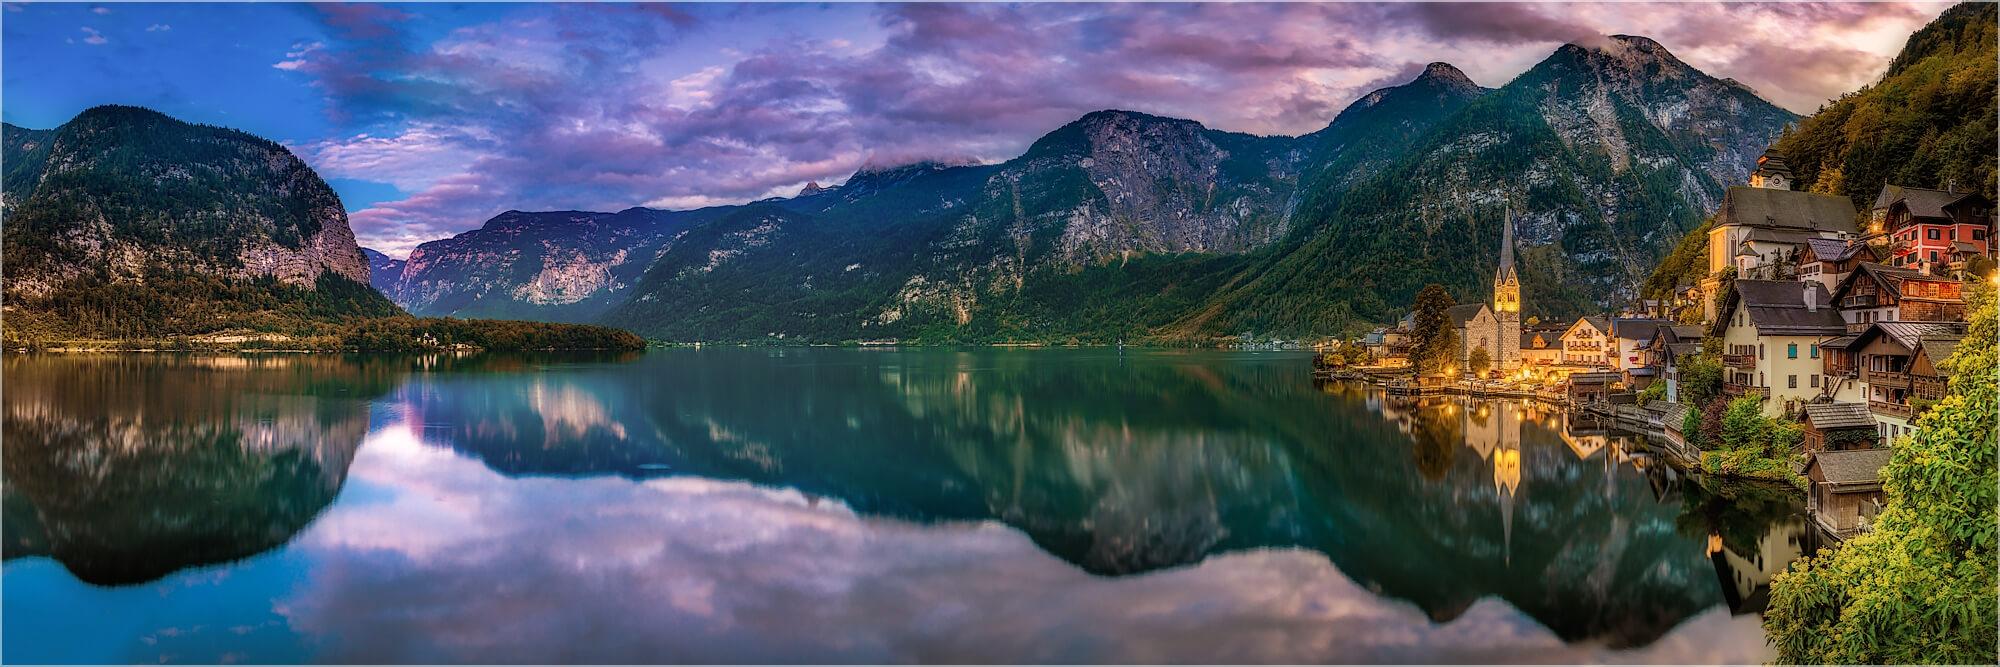 Panoramafoto abends am Hallstätter See Ösrerreich